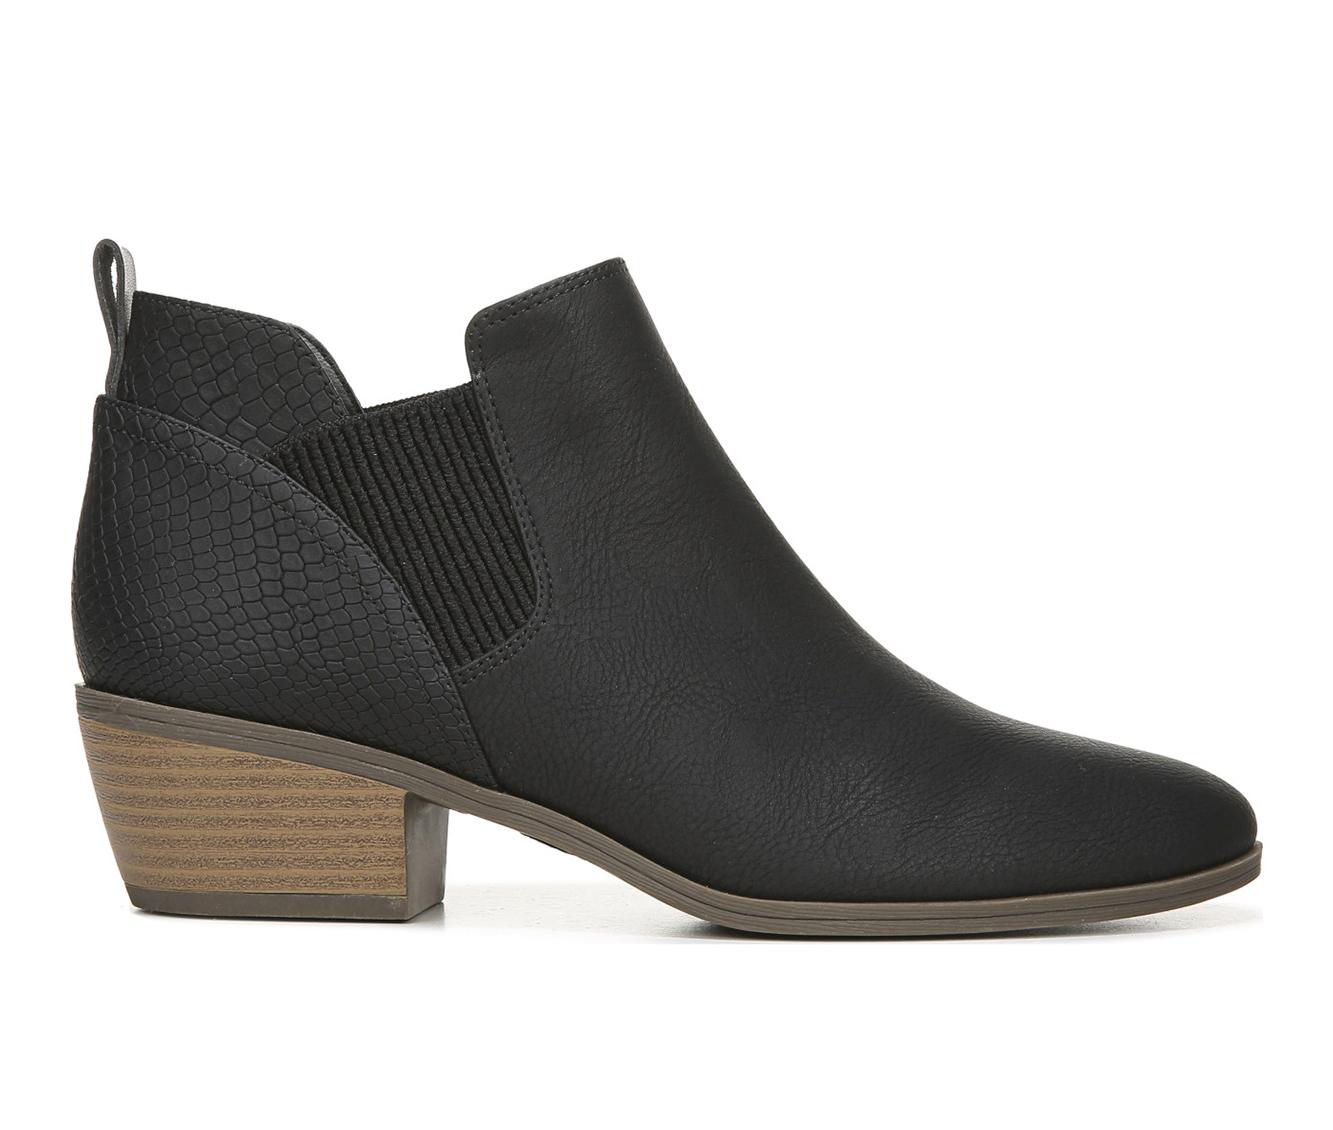 Dr. Scholls Bella Women's Boot (Black Faux Leather)